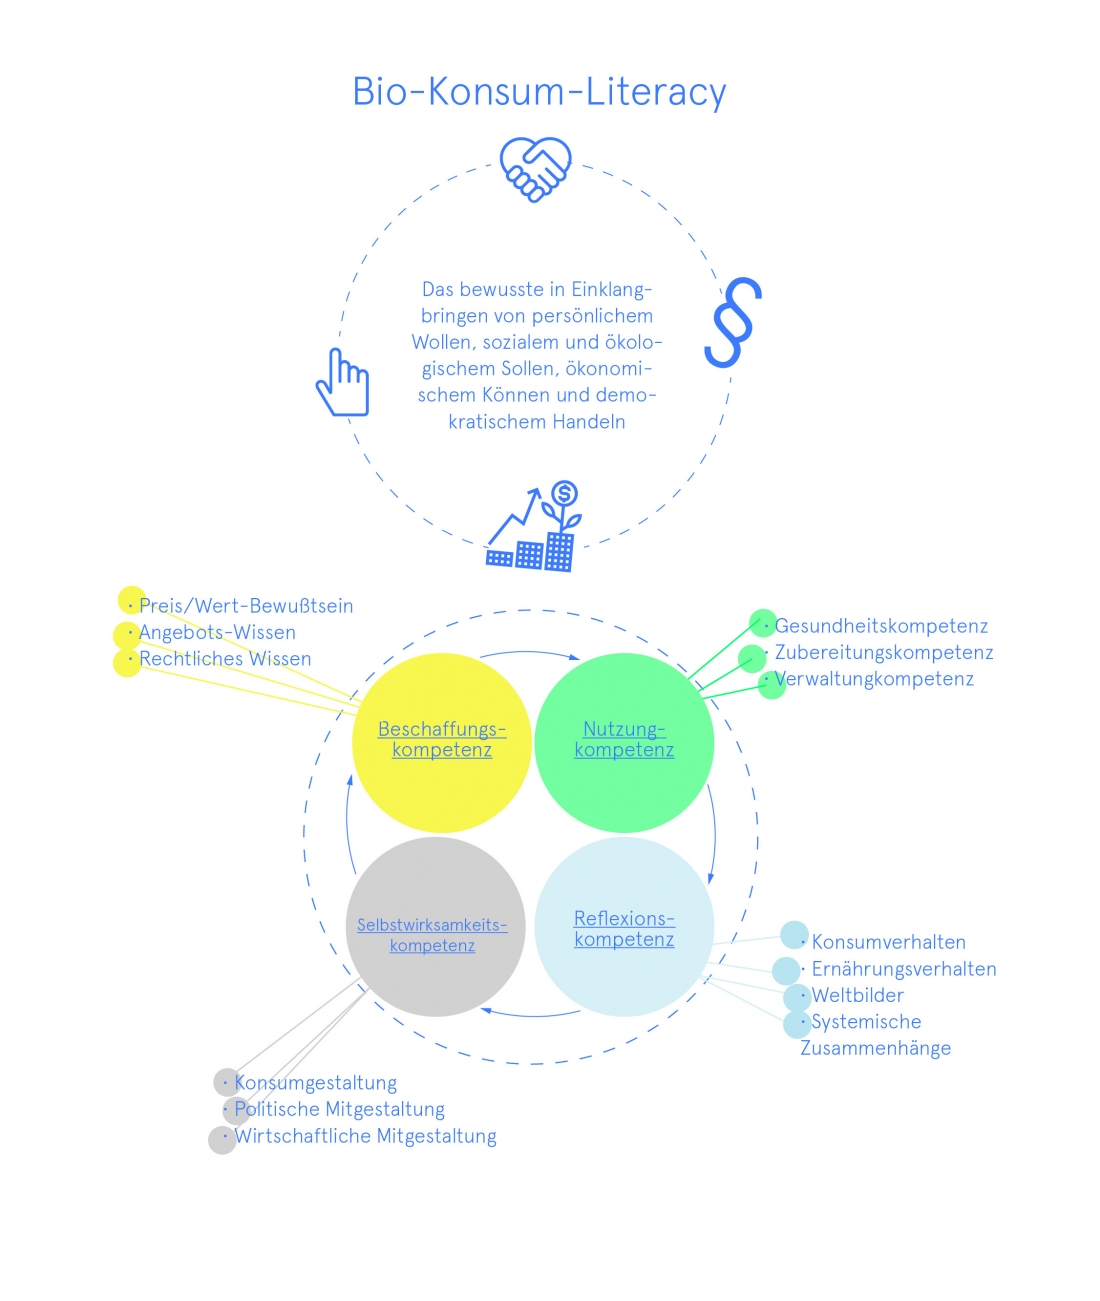 Systematisch, Bio 3.0, #biodreinull, Wissensvisualisierung, FiBL, dform, SCR